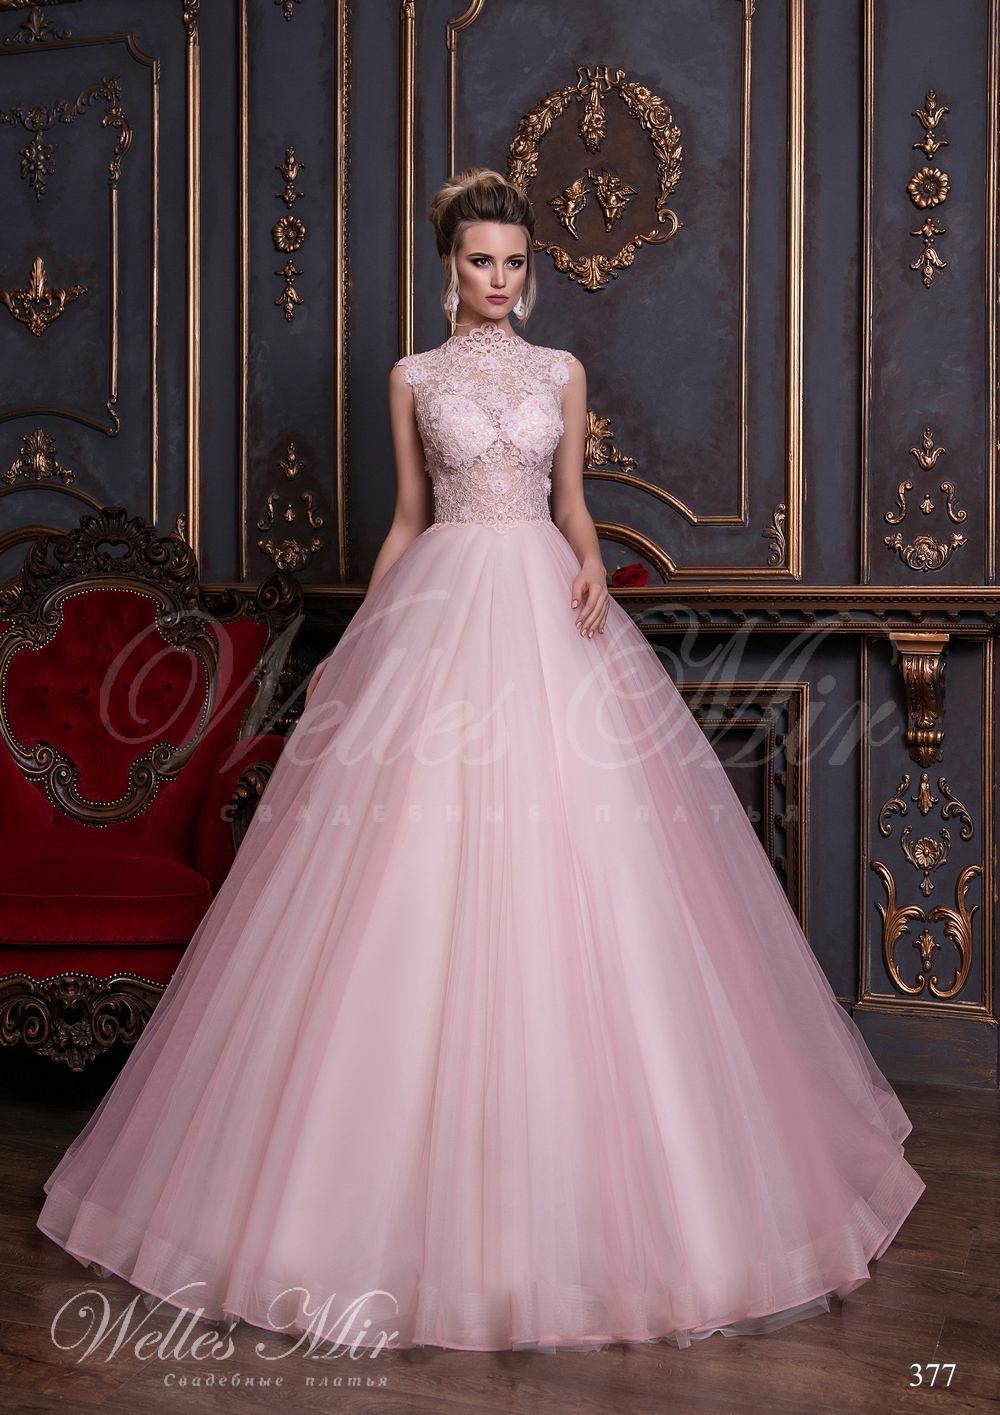 Свадебное платье с закрытой шеей и прозрачным корсетом